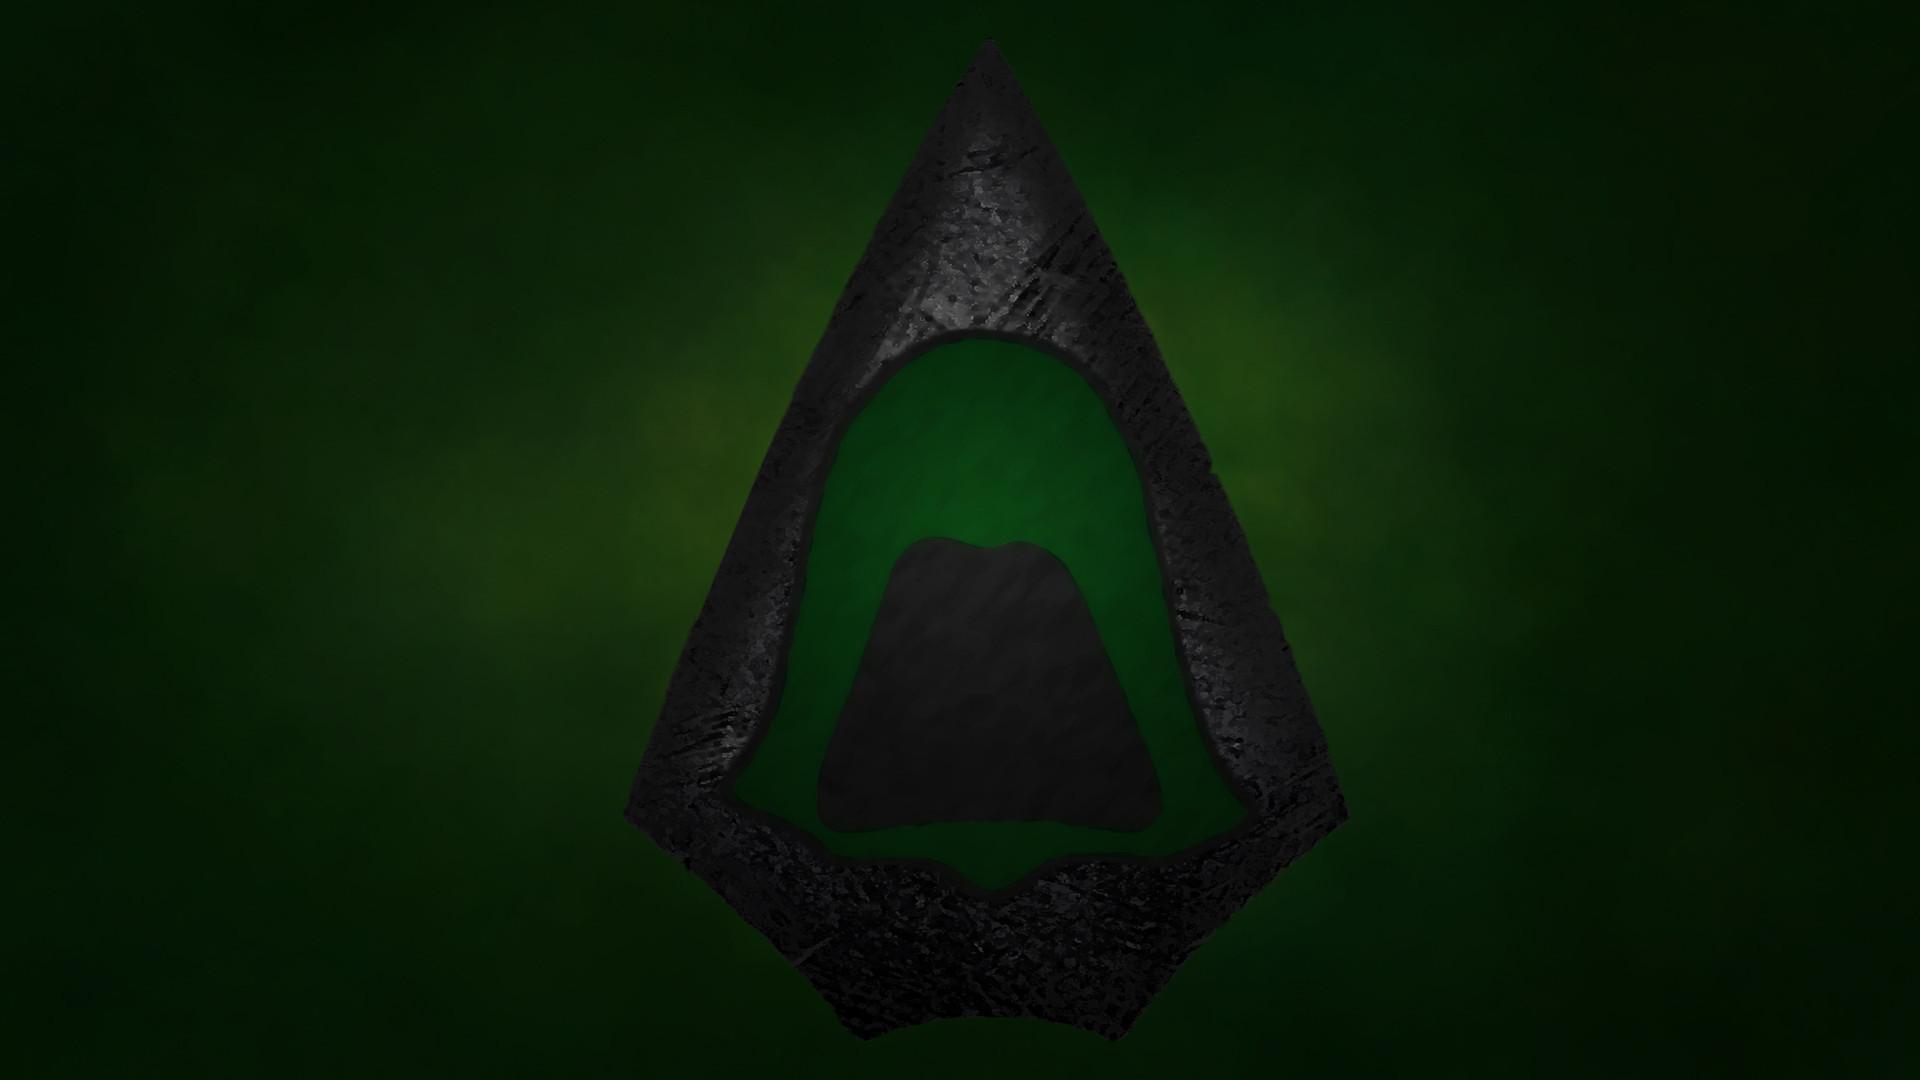 Green Arrow Wallpaper (Simplistic-ish) [1920×1080]